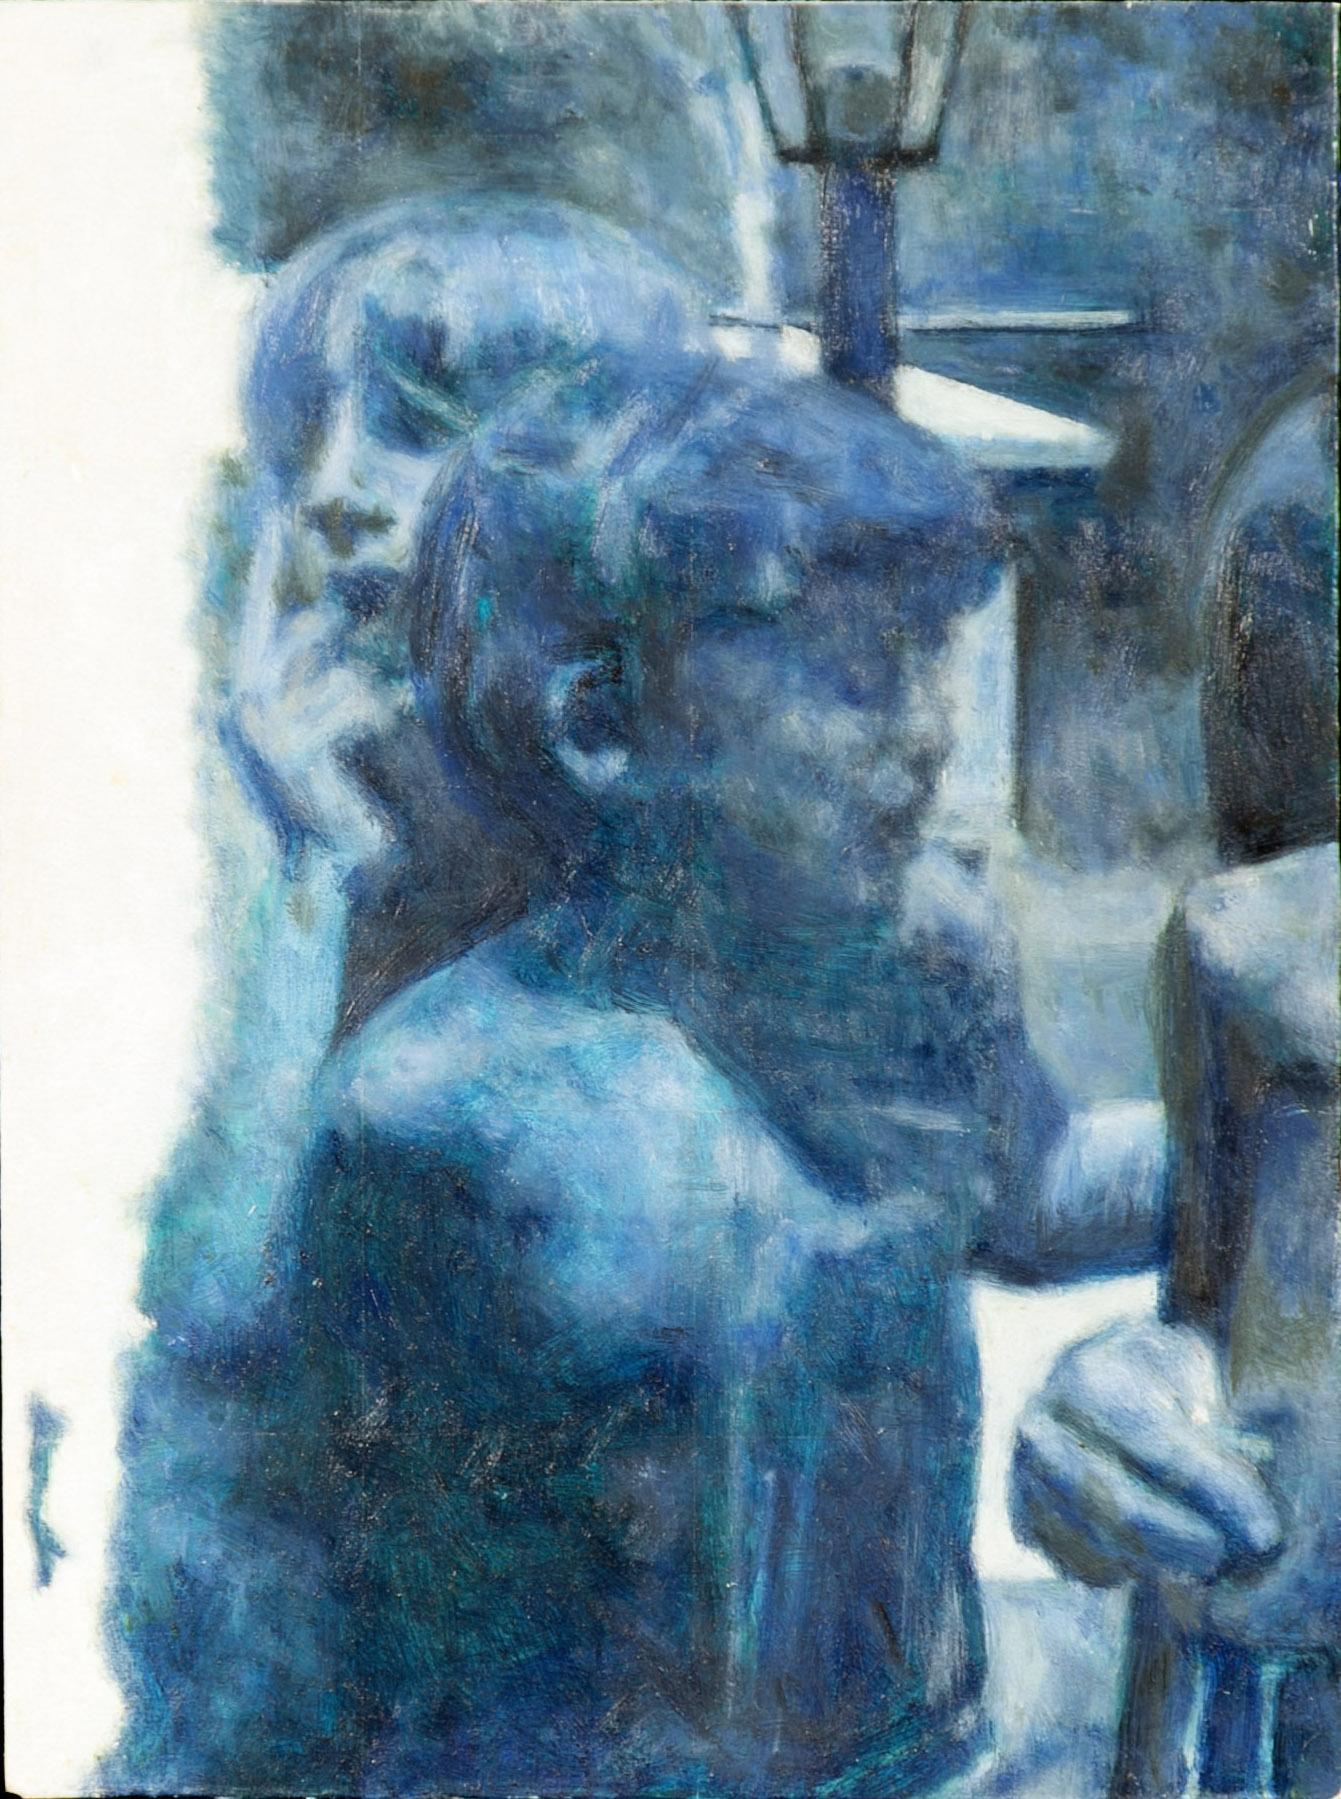 Sibling, 2009, oil on wood, 9 x 11 in.